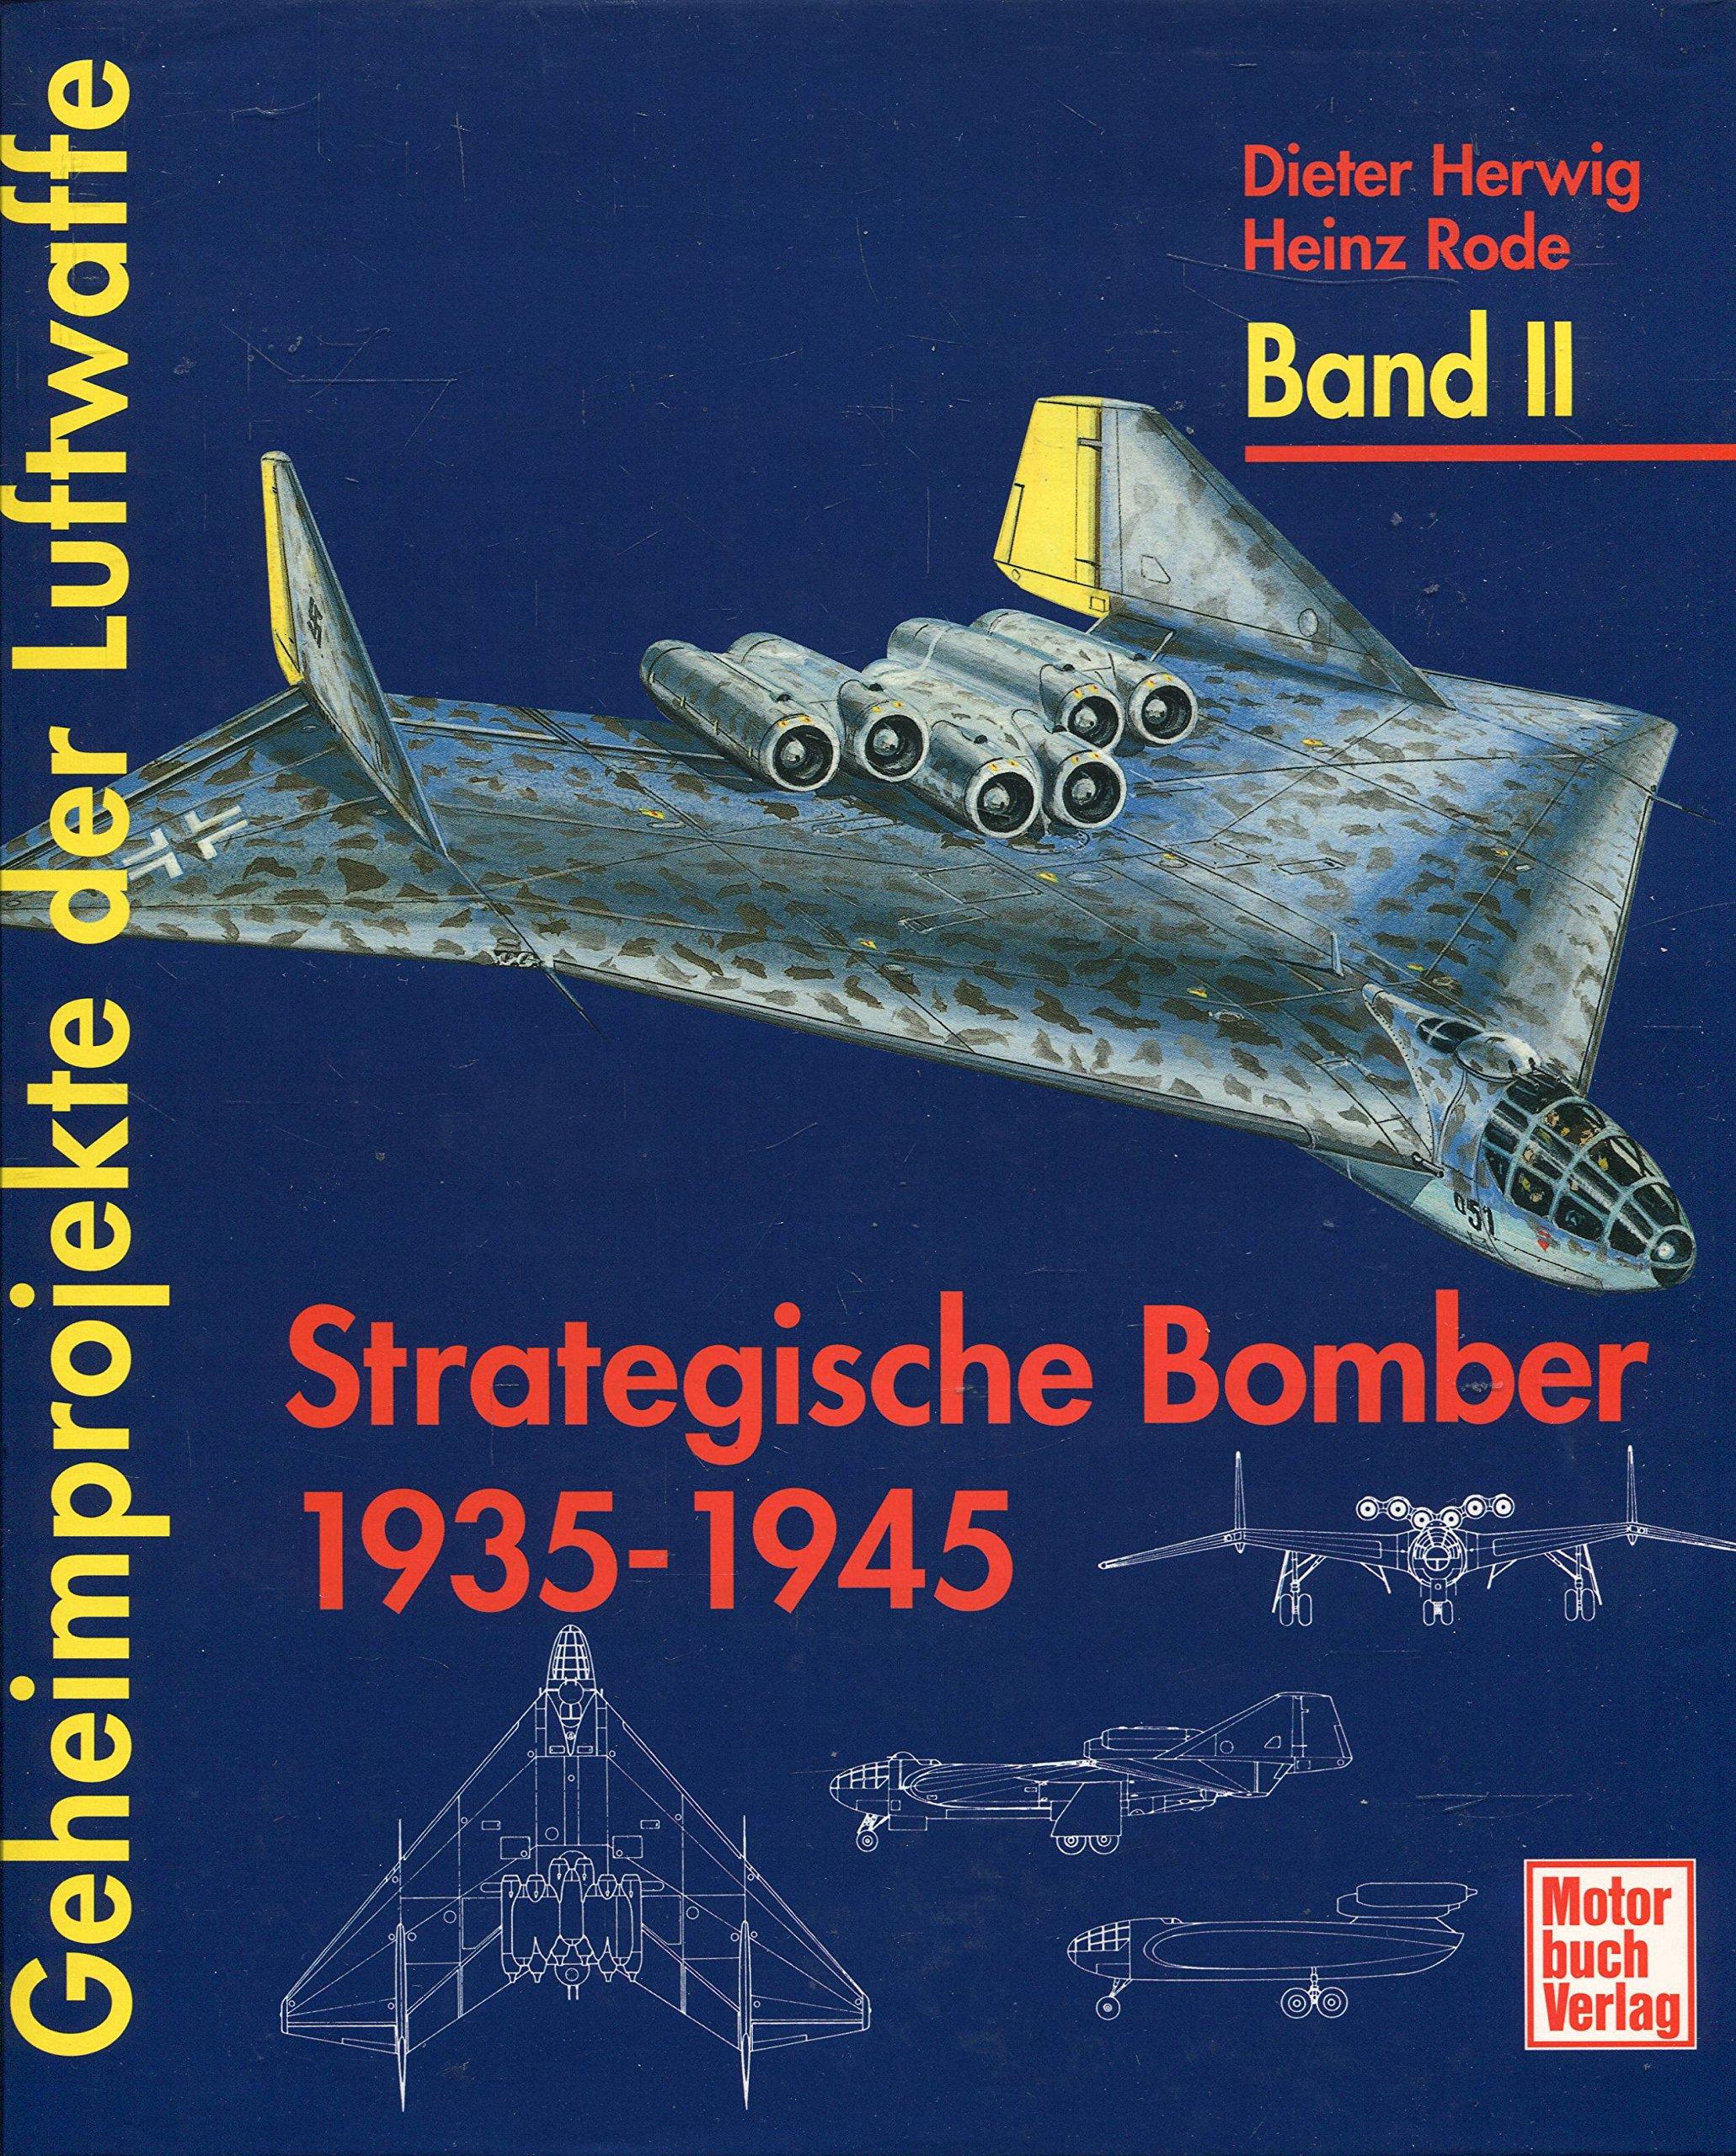 Geheimprojekte der Luftwaffe, Bd.2, Strategische Bomber 1935-1945